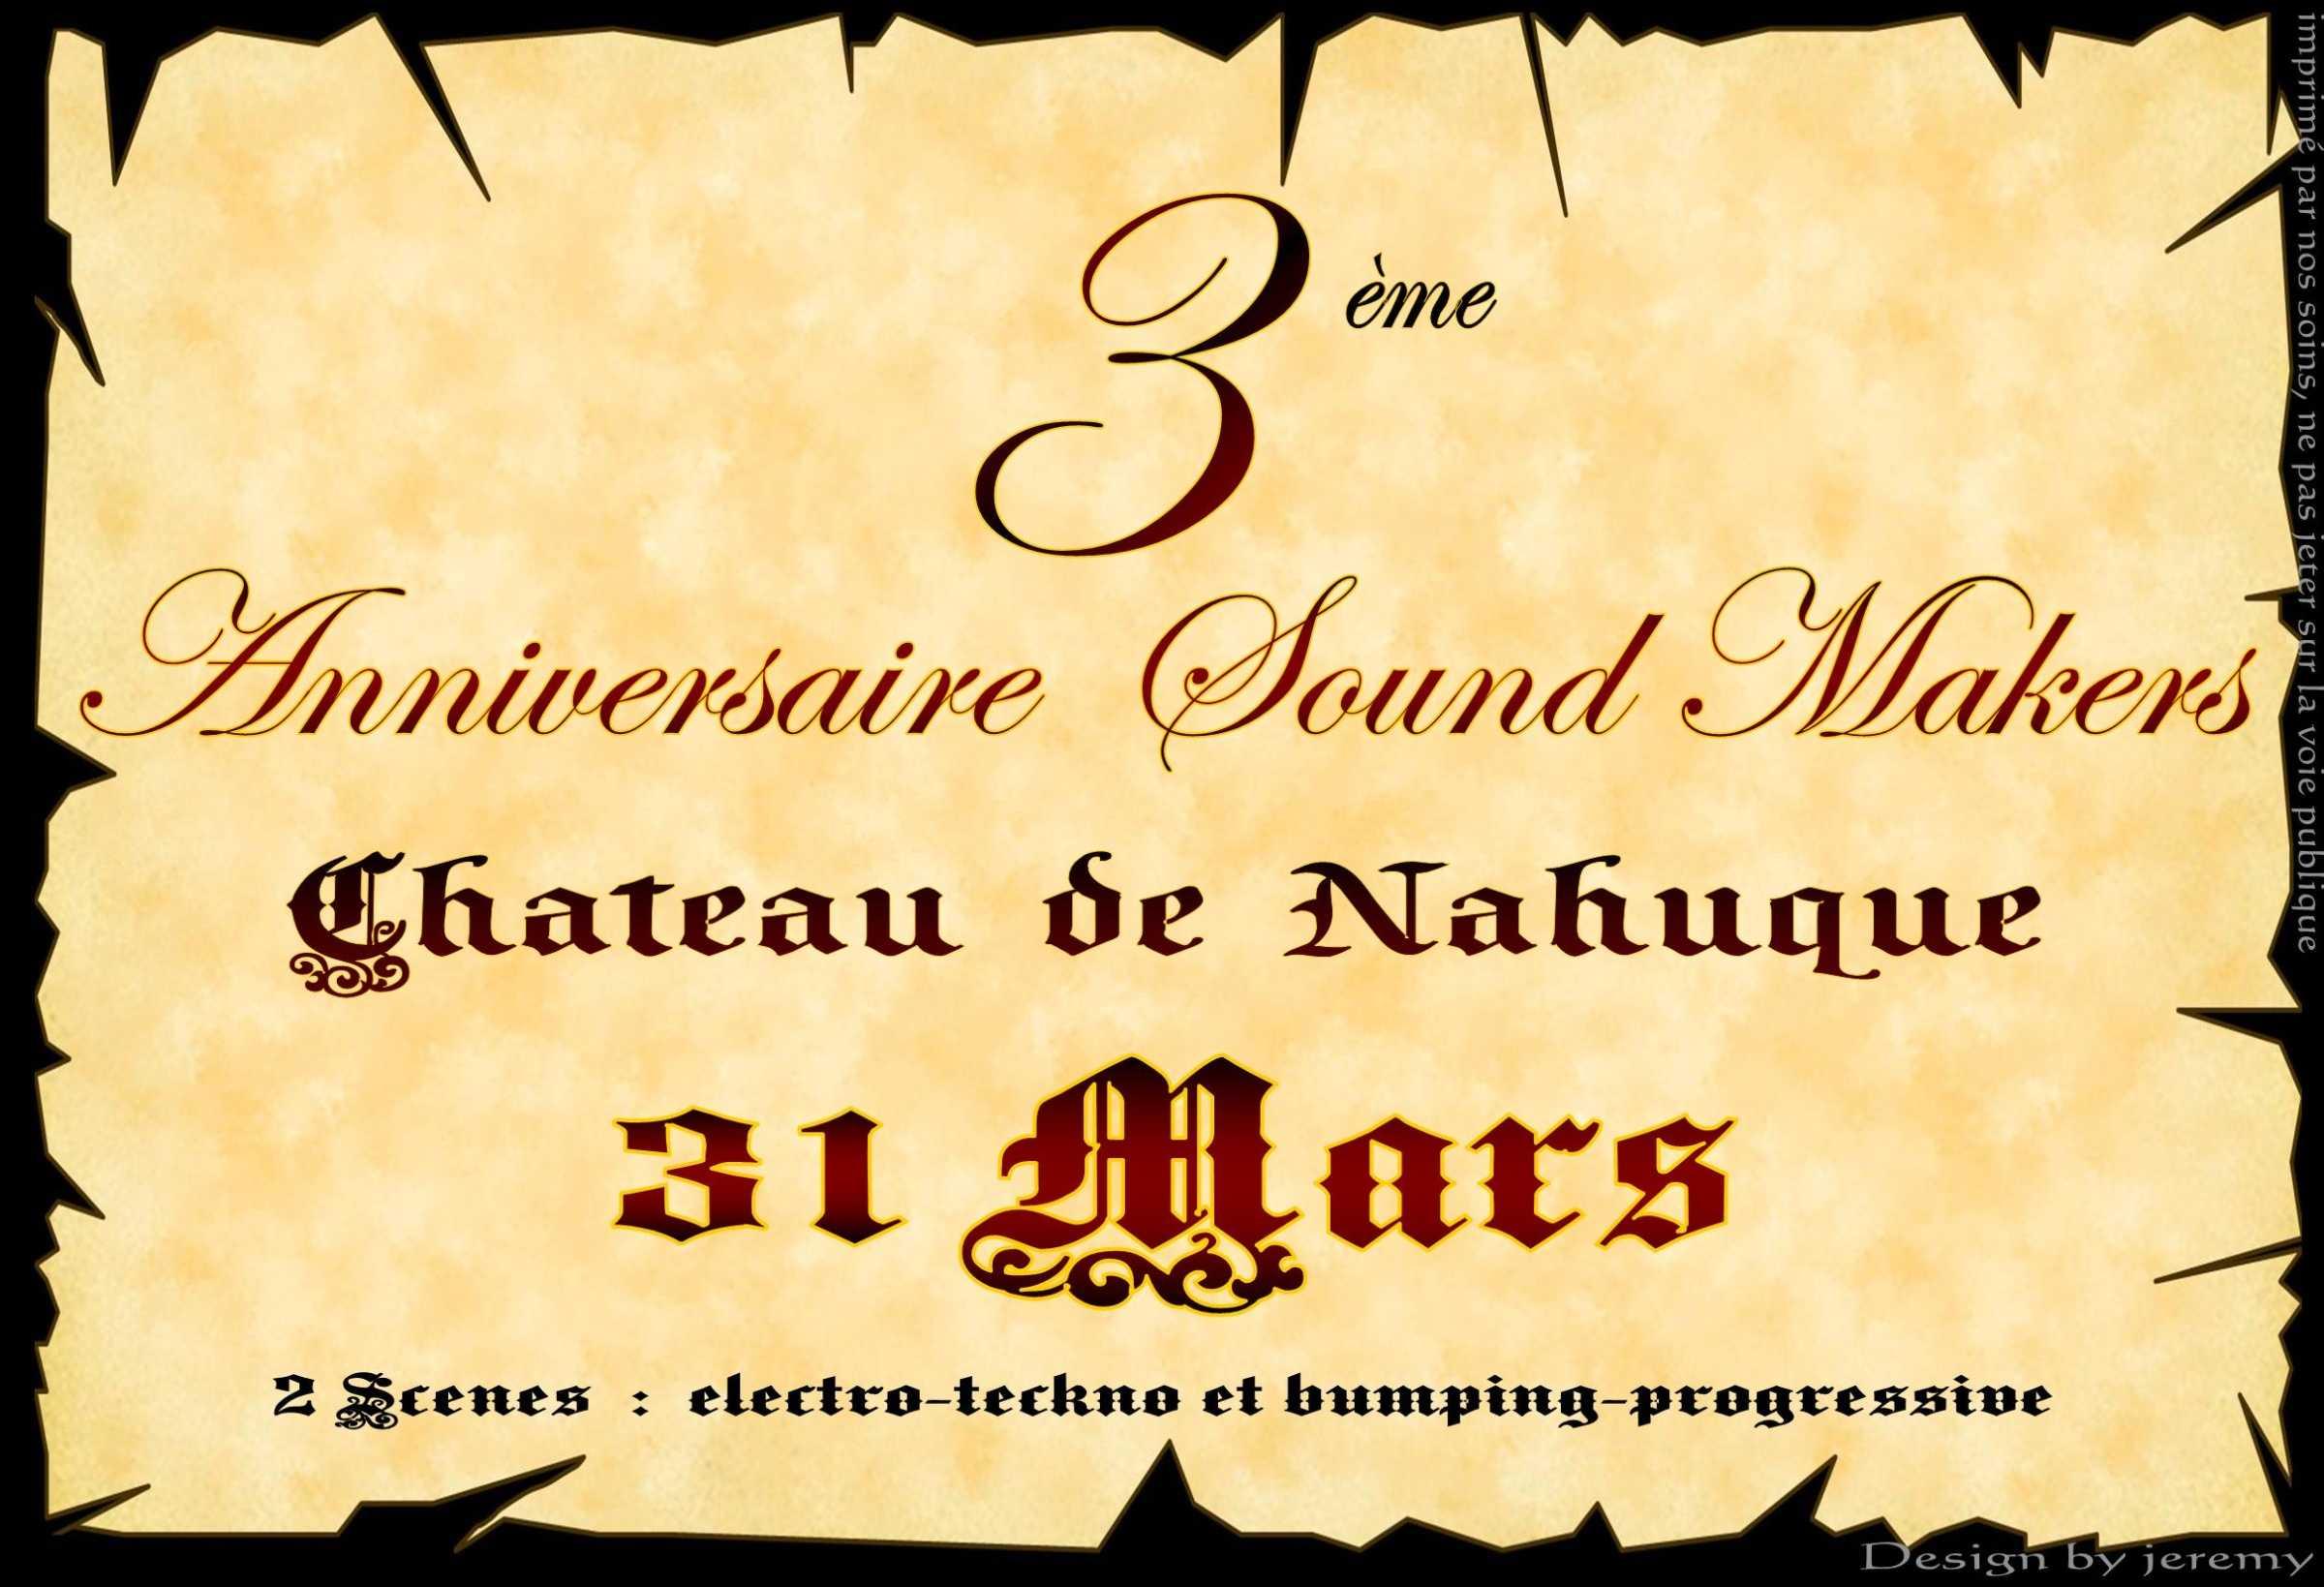 3° Anniversaire Sound Makers @ Château de Nahuque (France)